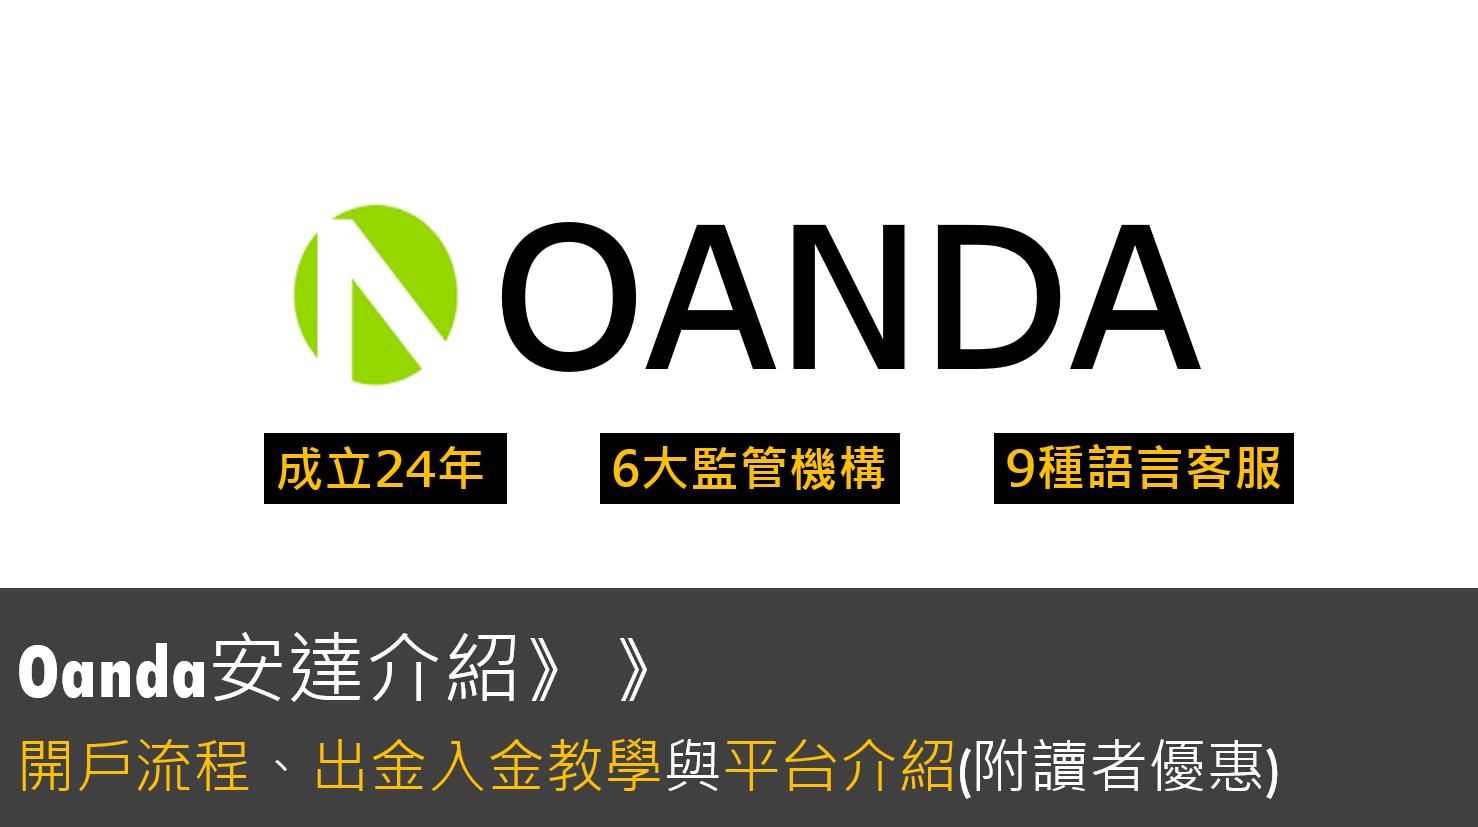 Oanda介紹